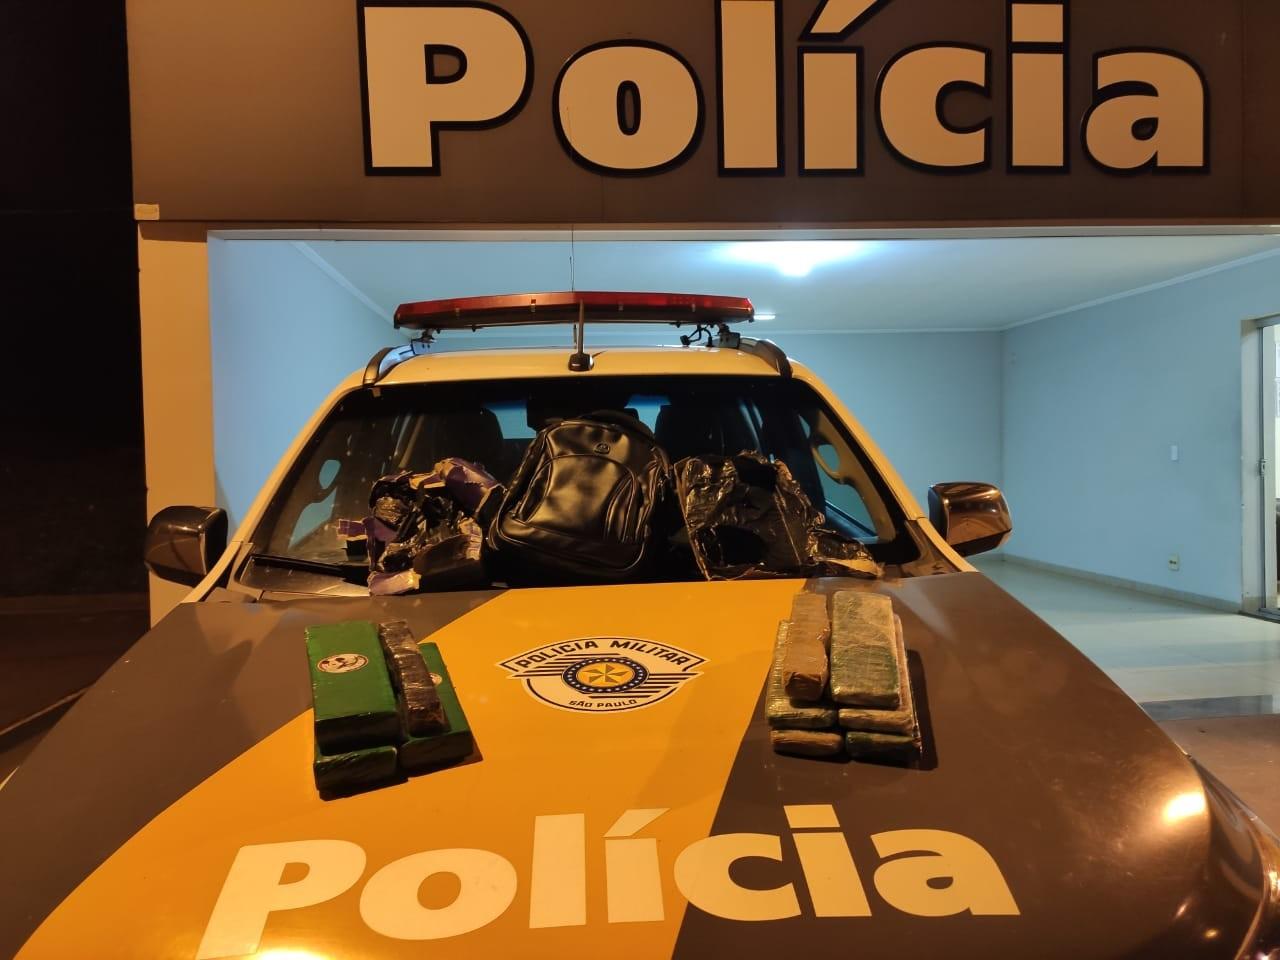 Fiscalização apreende maconha escondida em ônibus e jovem acaba presa por tráfico em Presidente Venceslau